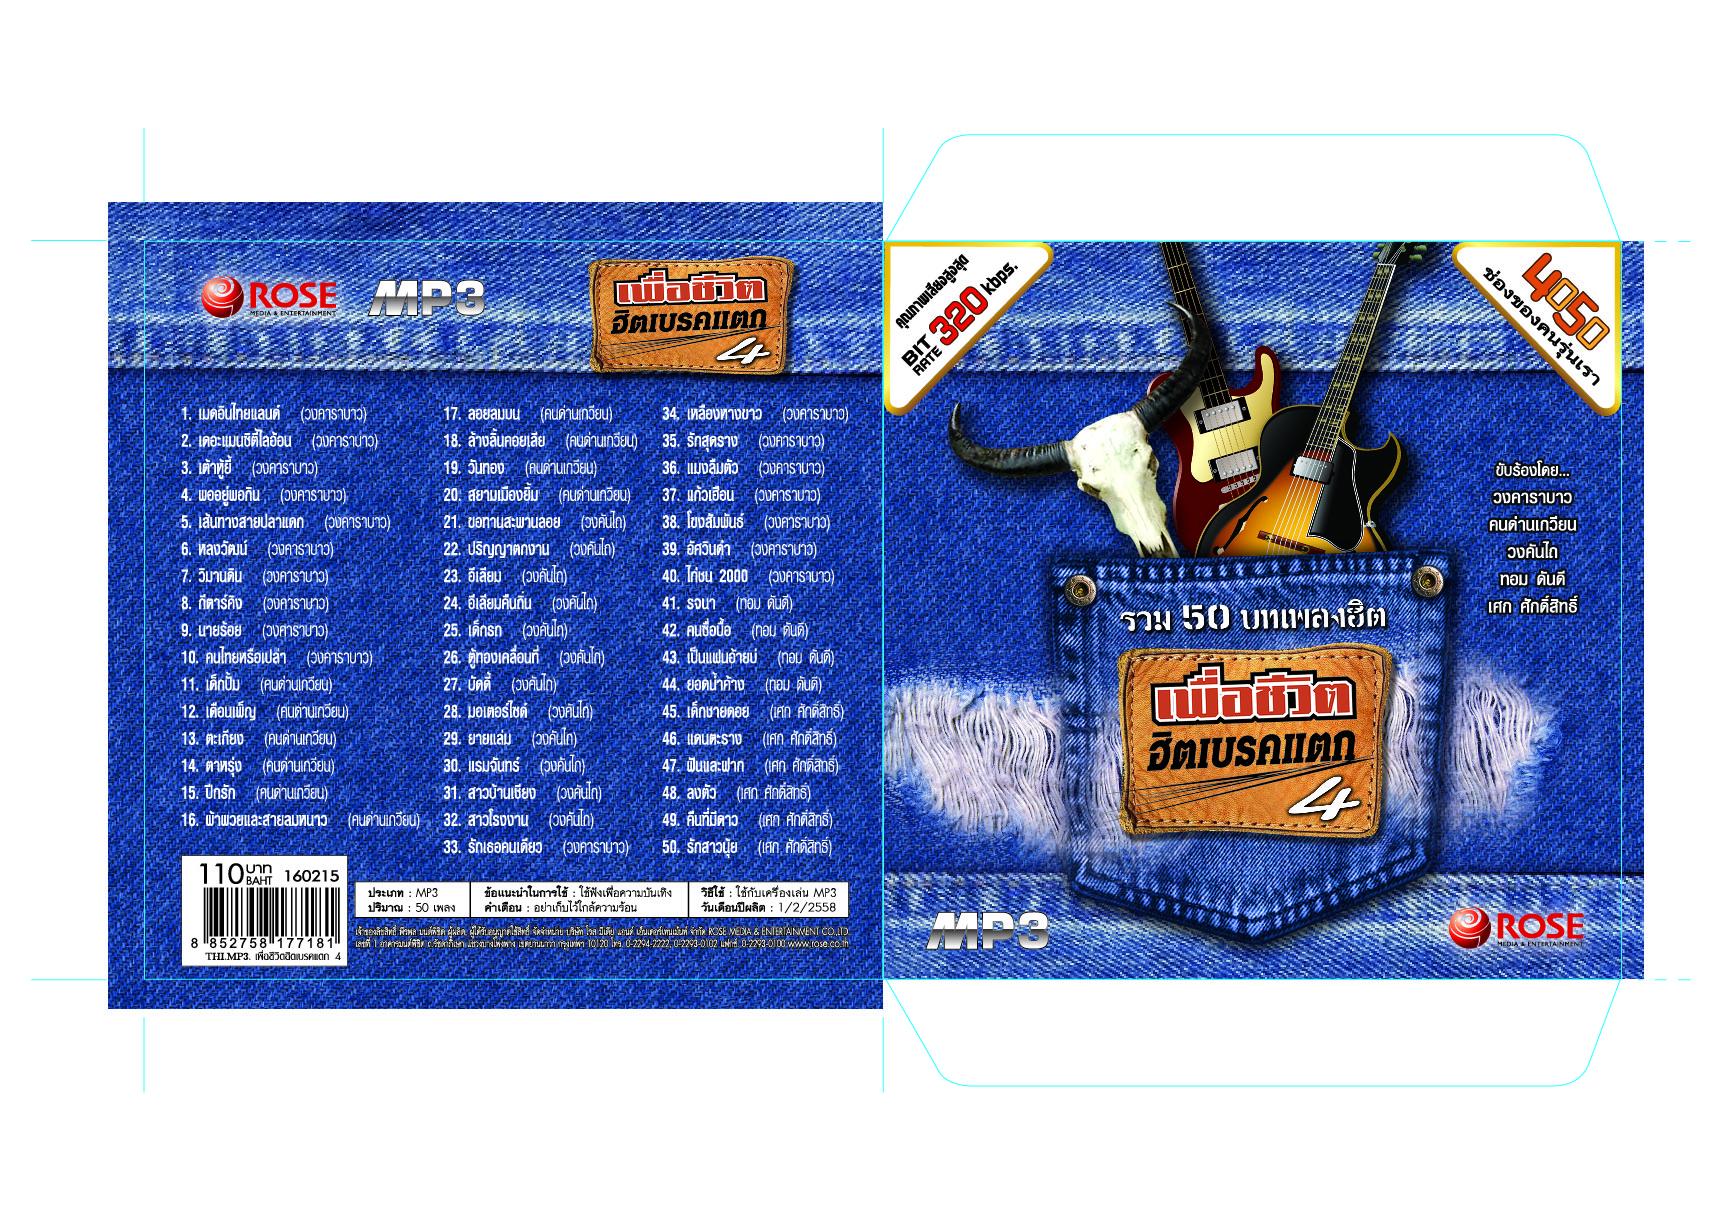 MP3 50 เพลง เพื่อชีวิตฮิตเบรคแตก 4 (คาราบาว คนด่านเกวียน คันไถ เศก ทอม)